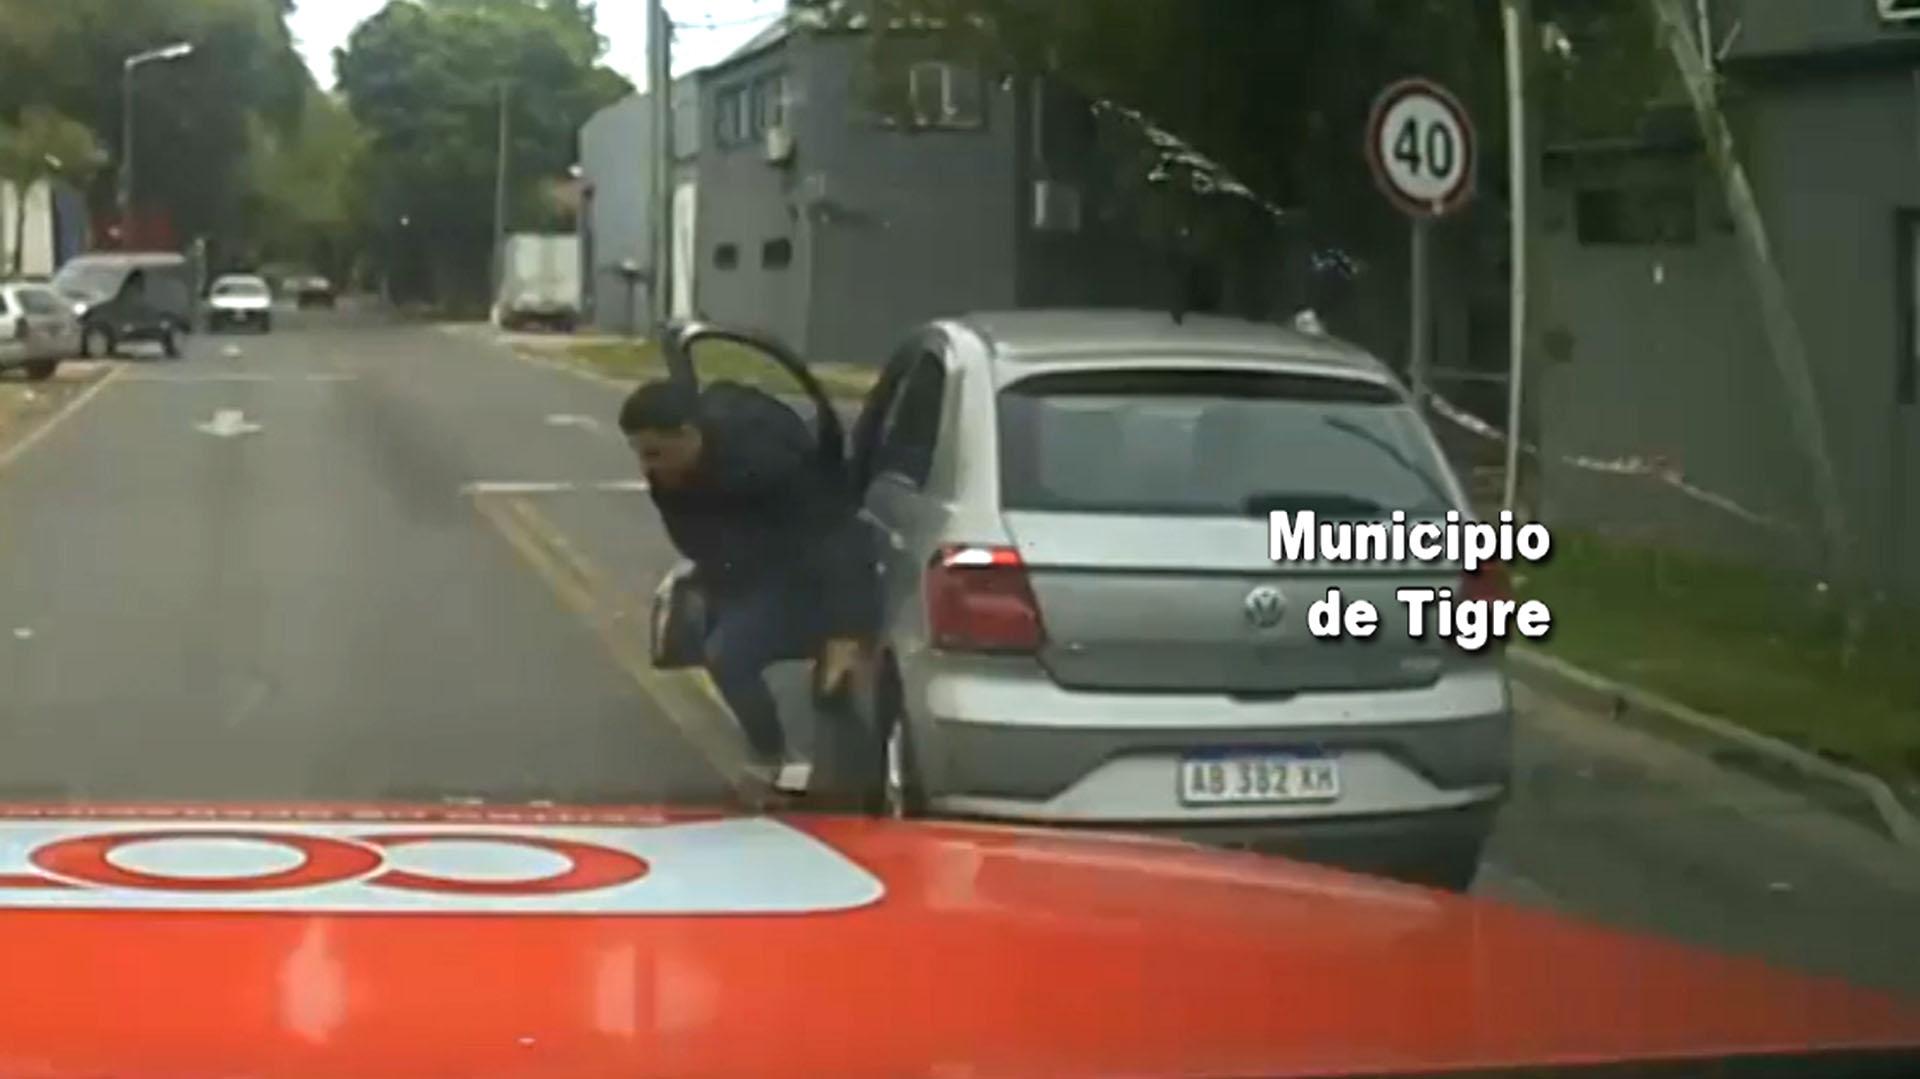 El delincuente se arrojó a la calle con el auto en movimiento, que terminó incrustado en un poste de luz